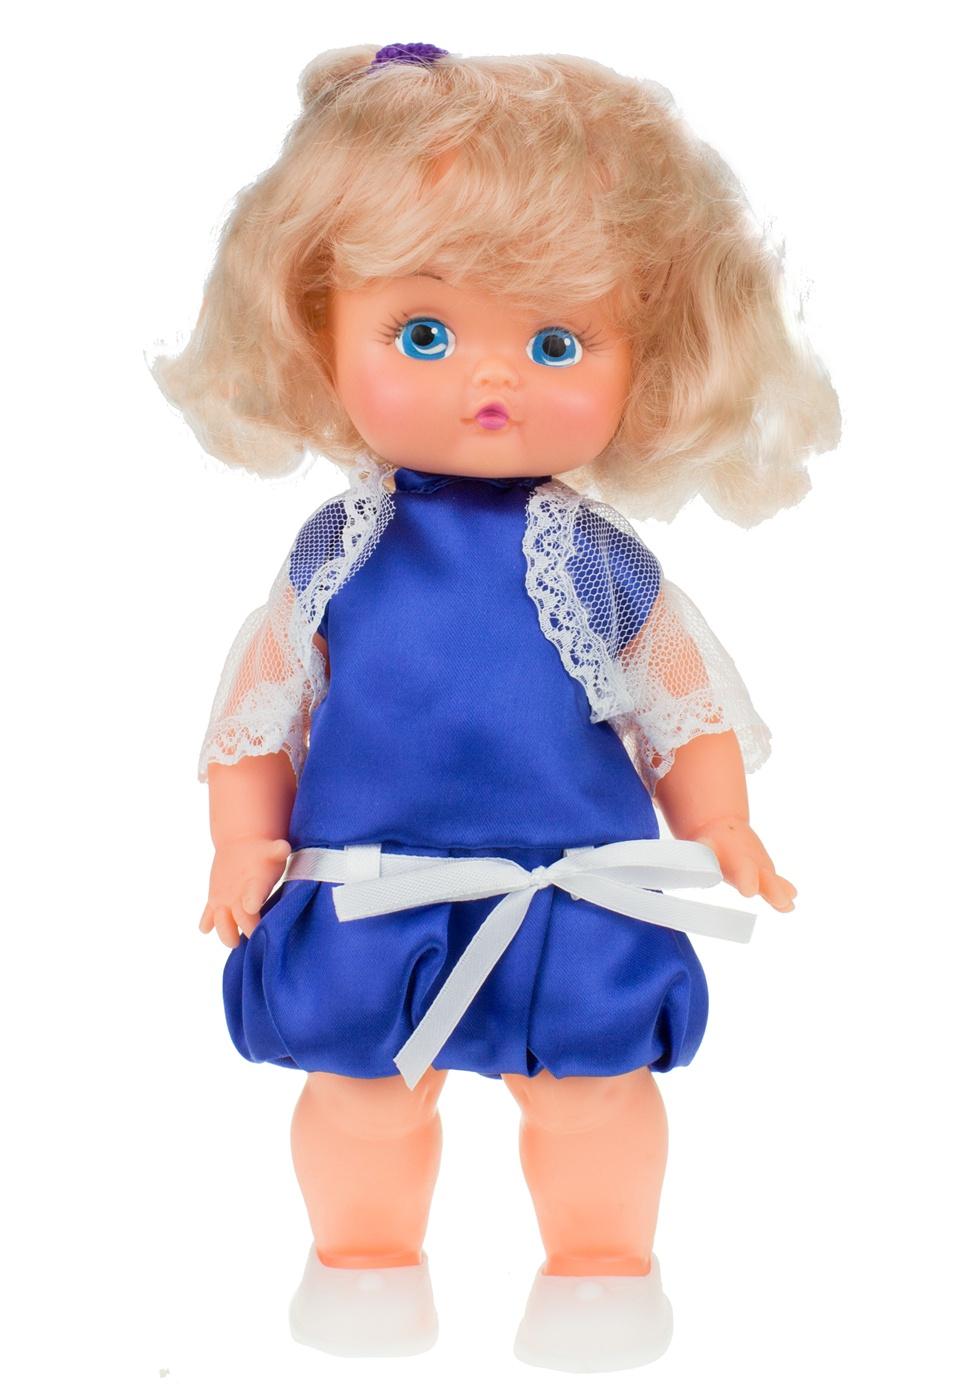 Кукла Мир кукол Саша М3 синий